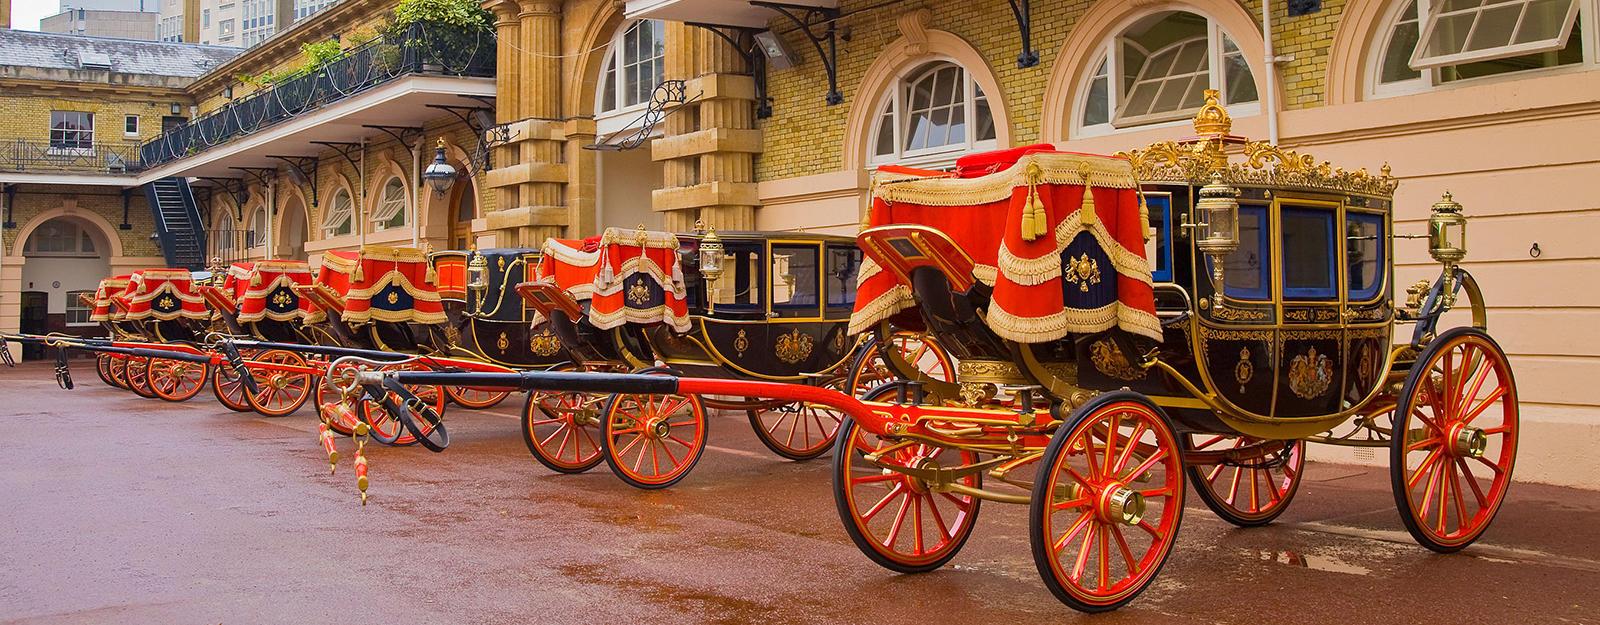 The Royal Mews at Buckingham Palace